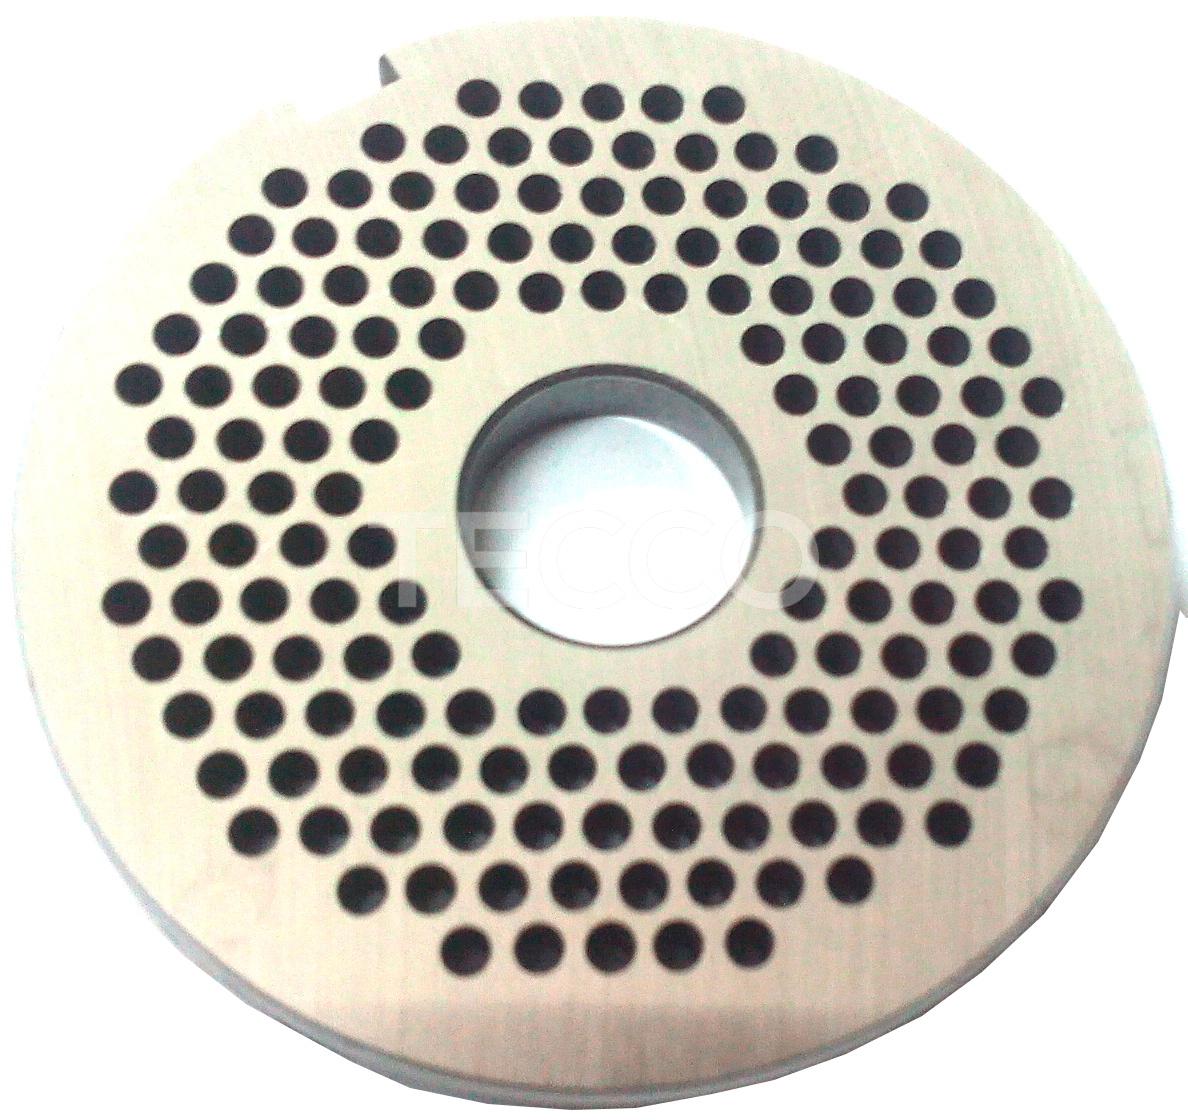 Решетка 3 мм для мясорубки модели 12 (R/70) системы Unger